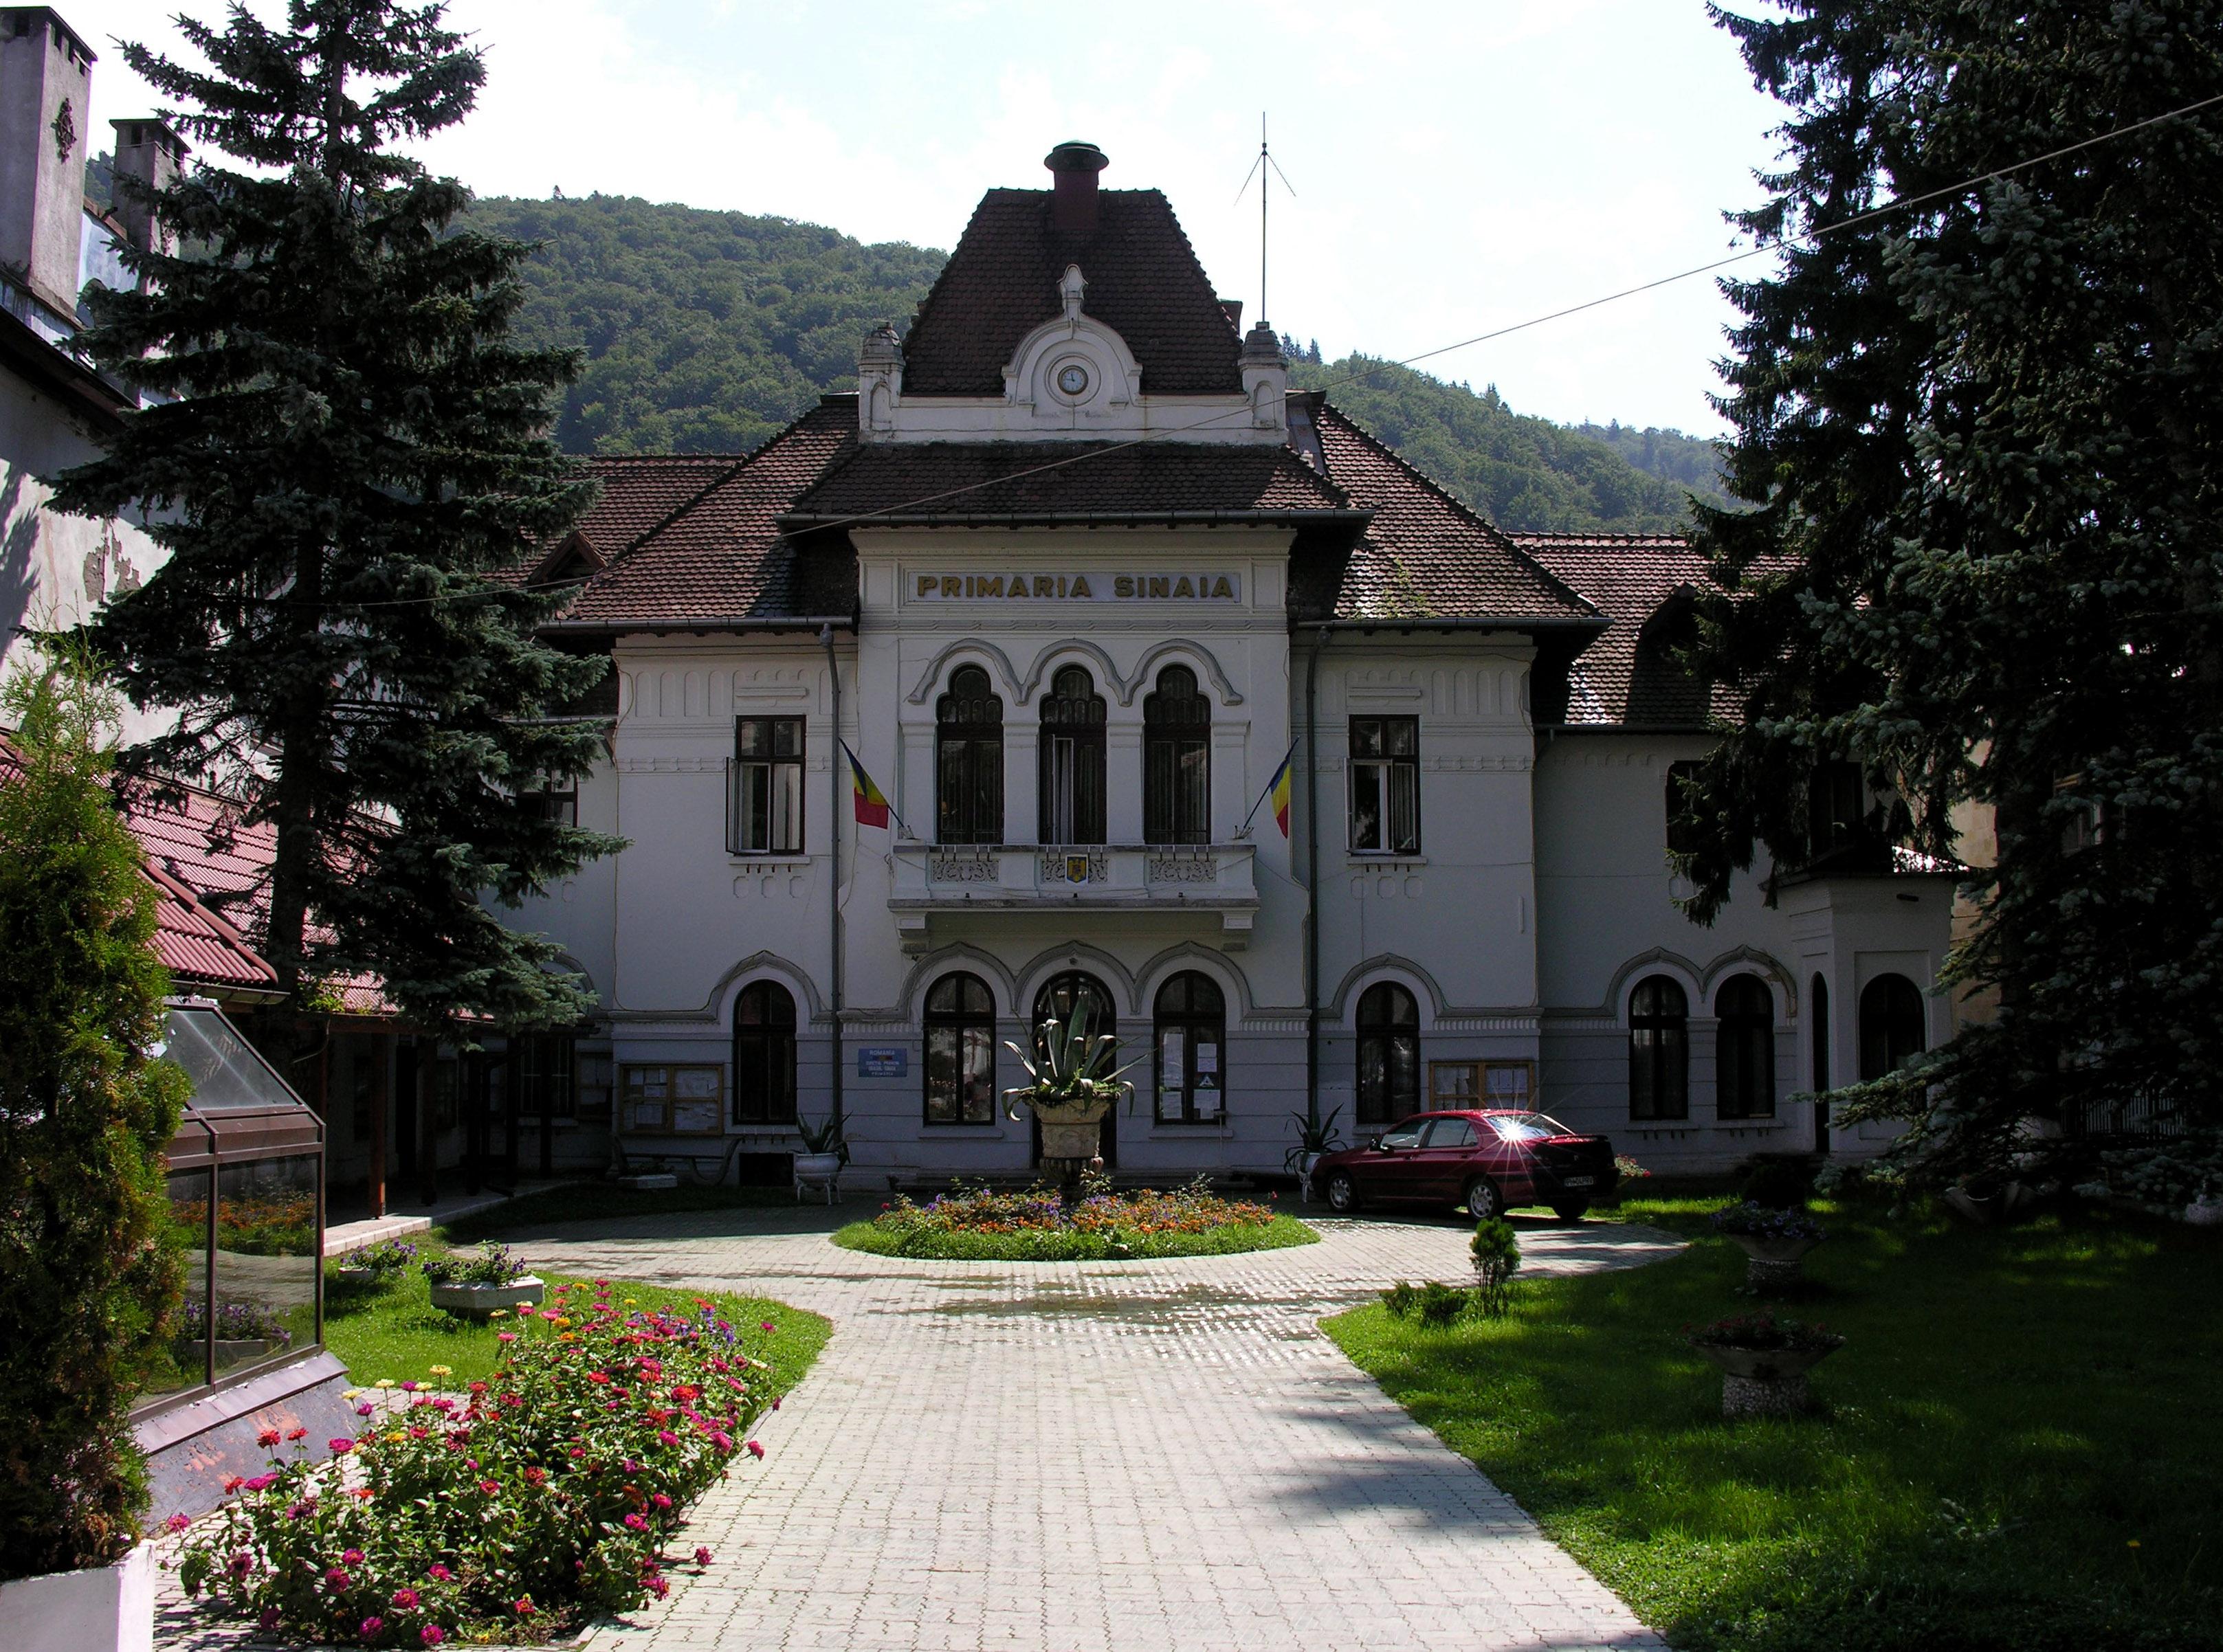 Sinaia Romania  city images : Romania Sinaia city hall Wikimedia Commons